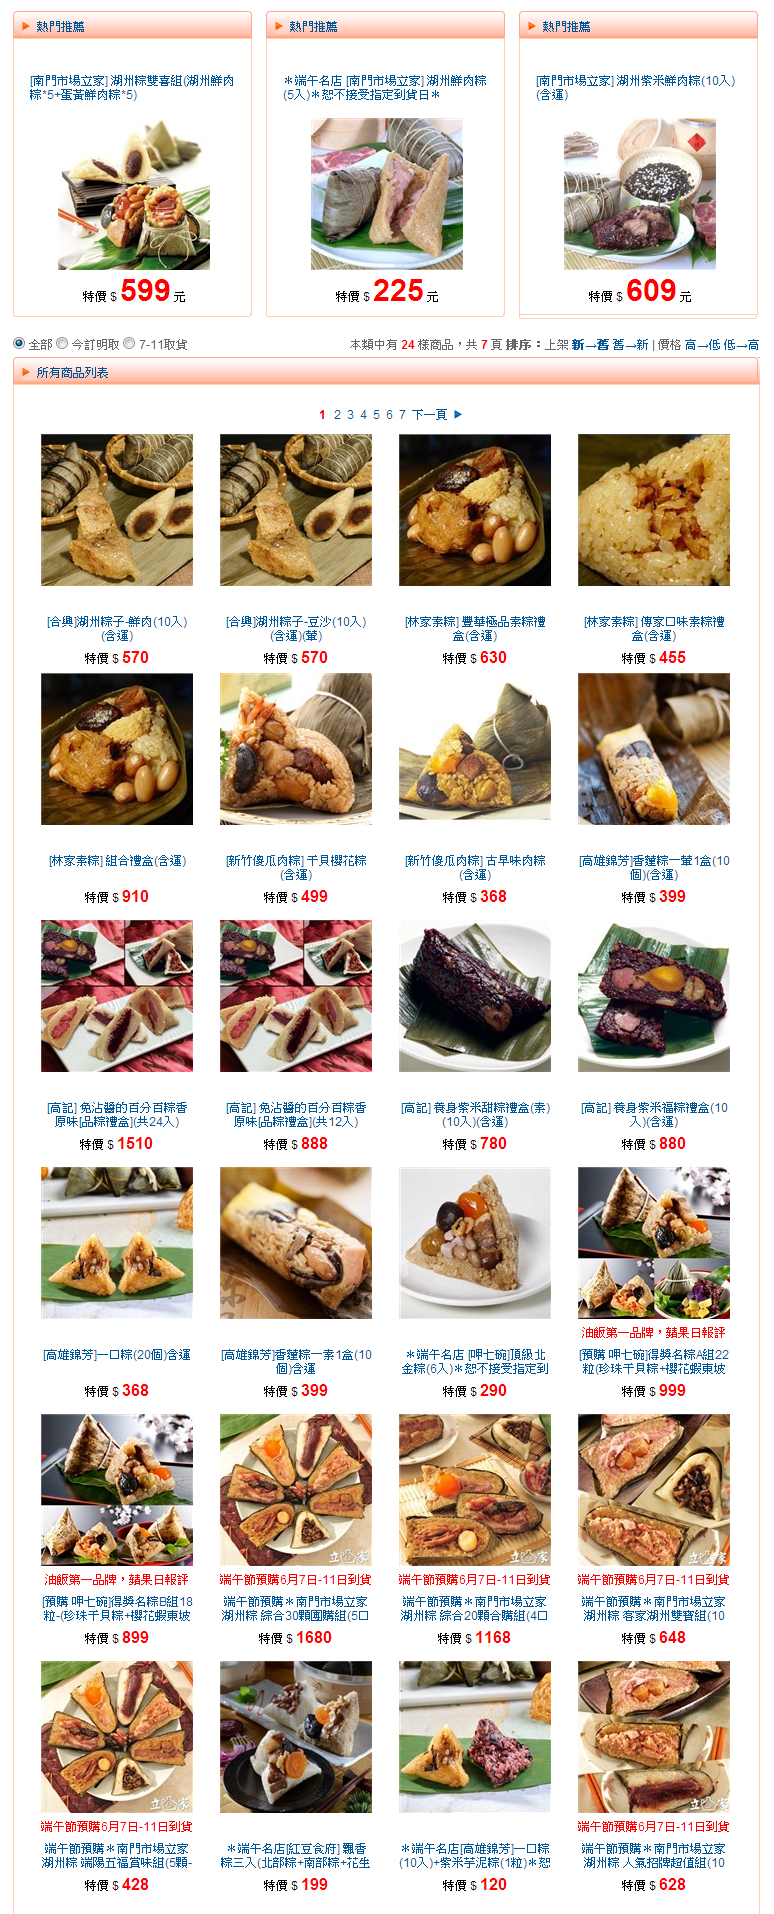 端午節粽子預購